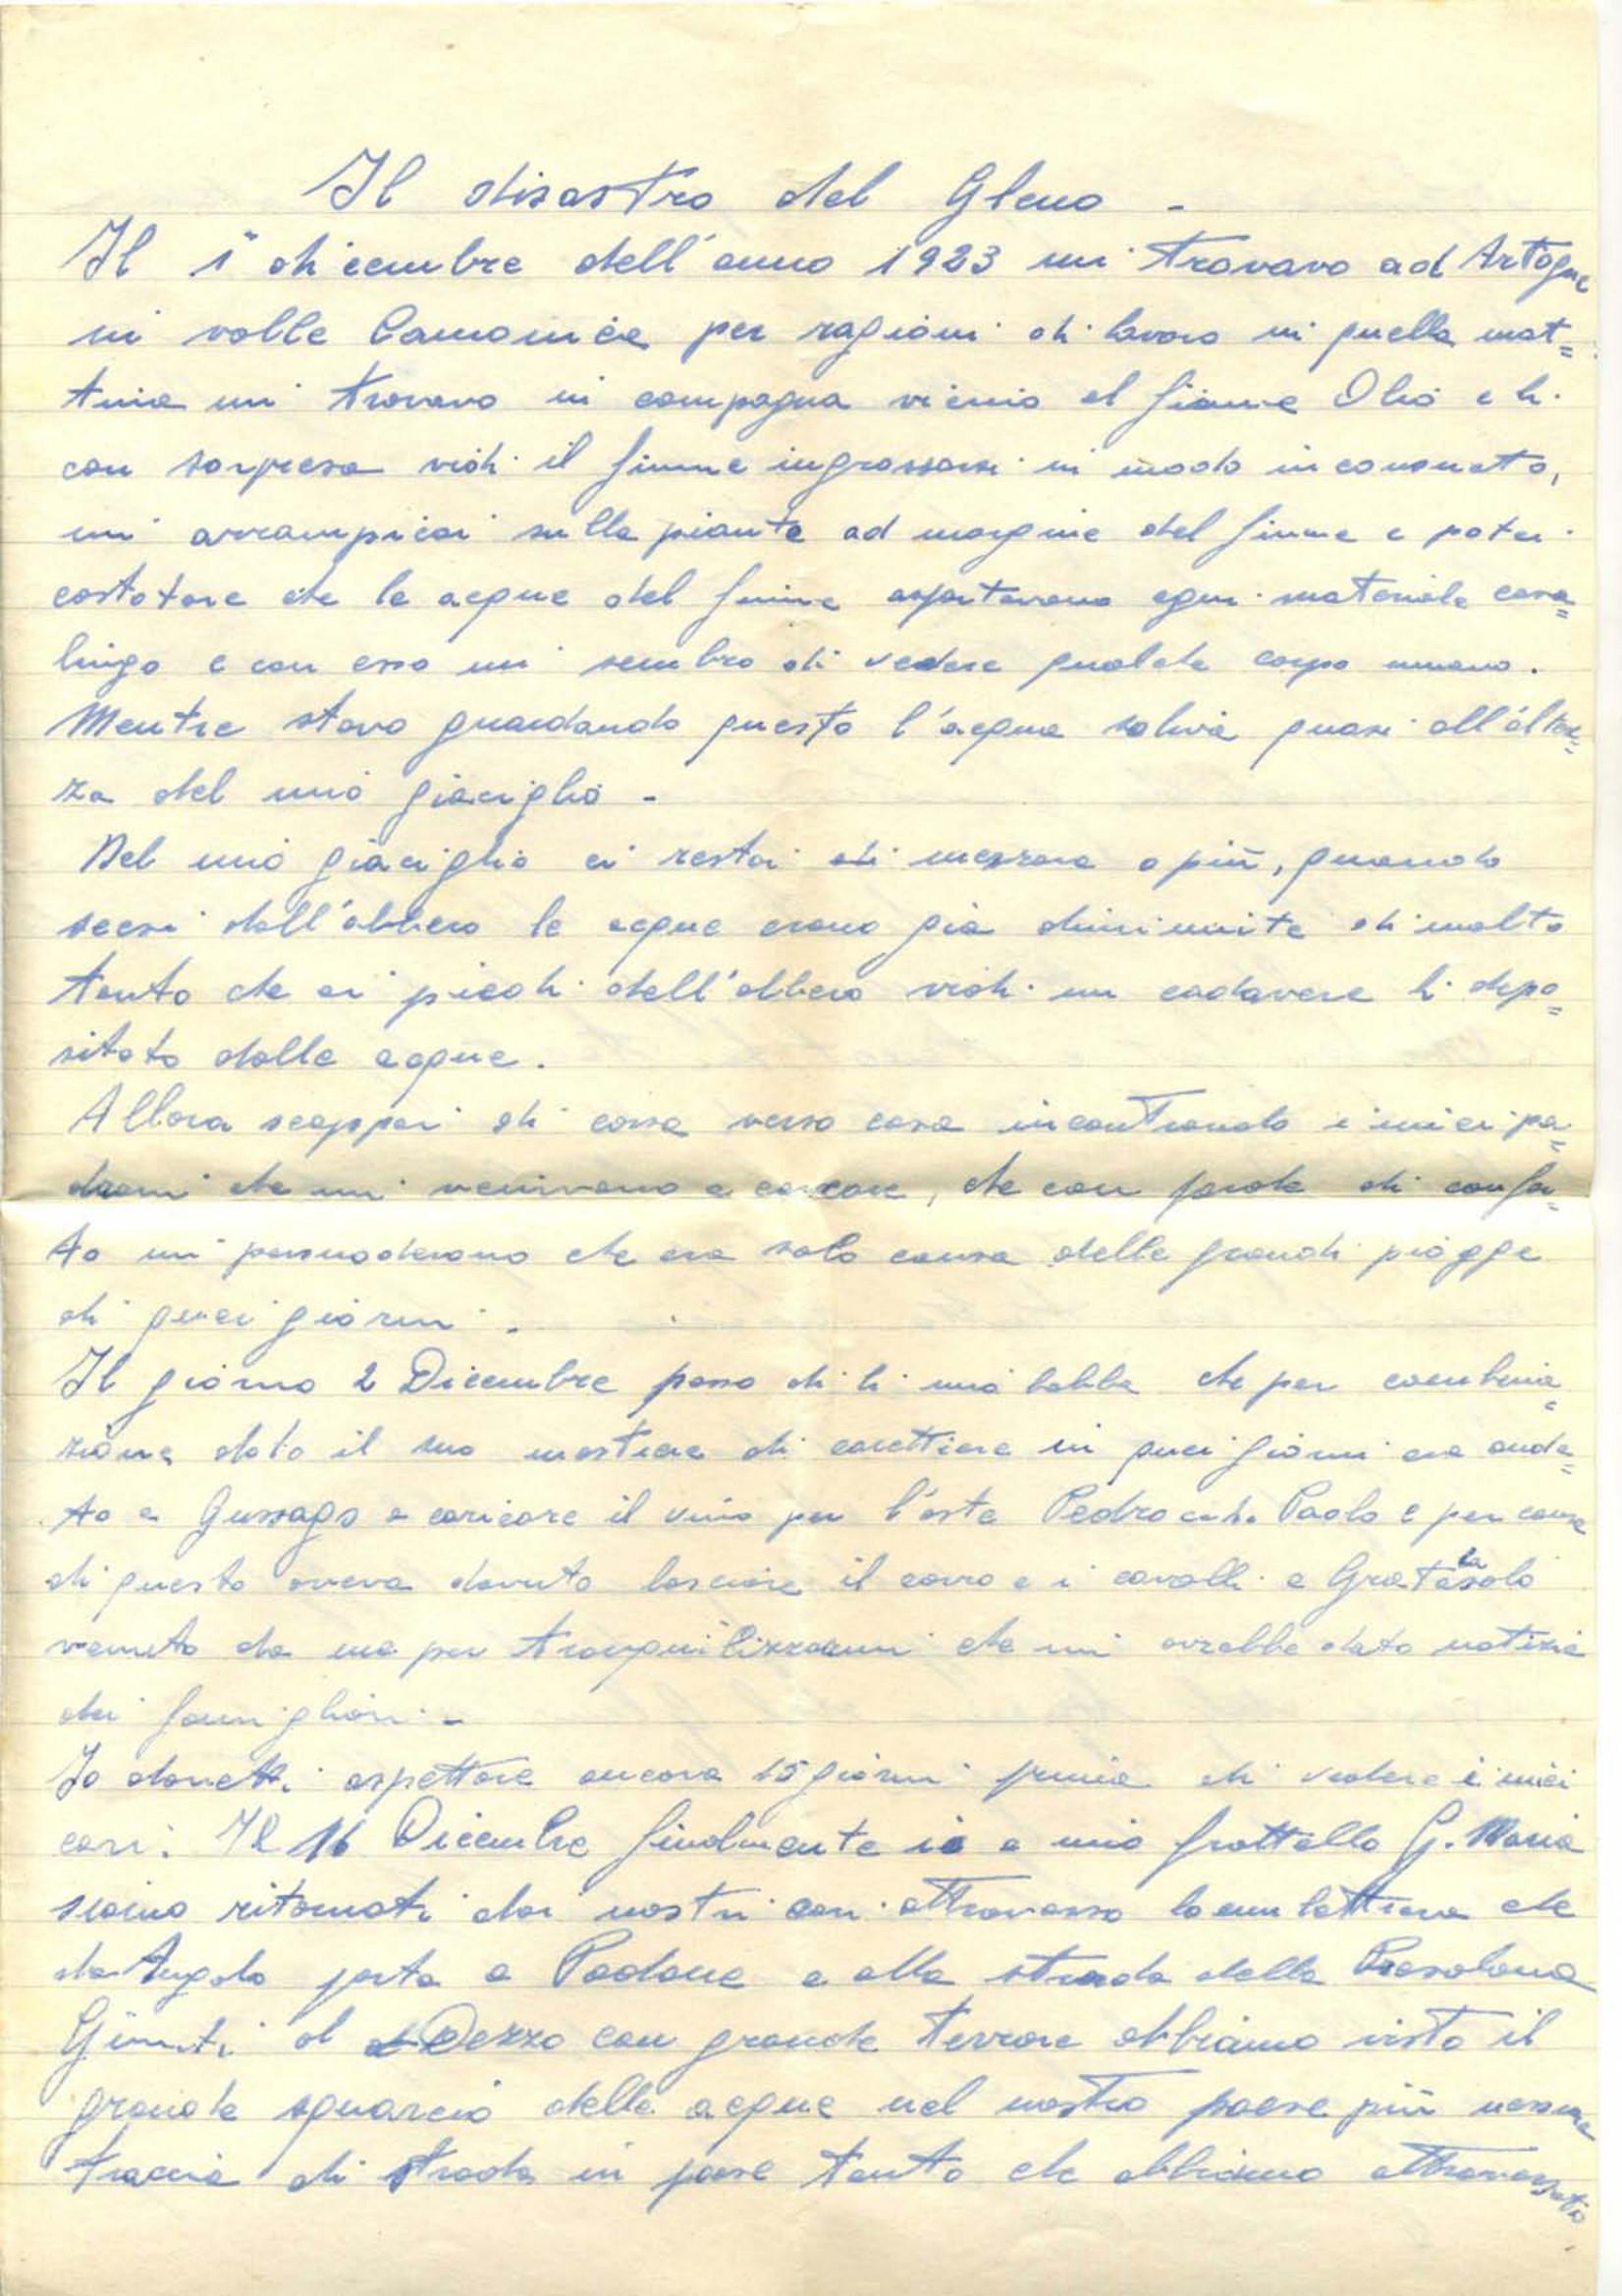 Lettera di Bettineschi Luigi del Consorzio_01